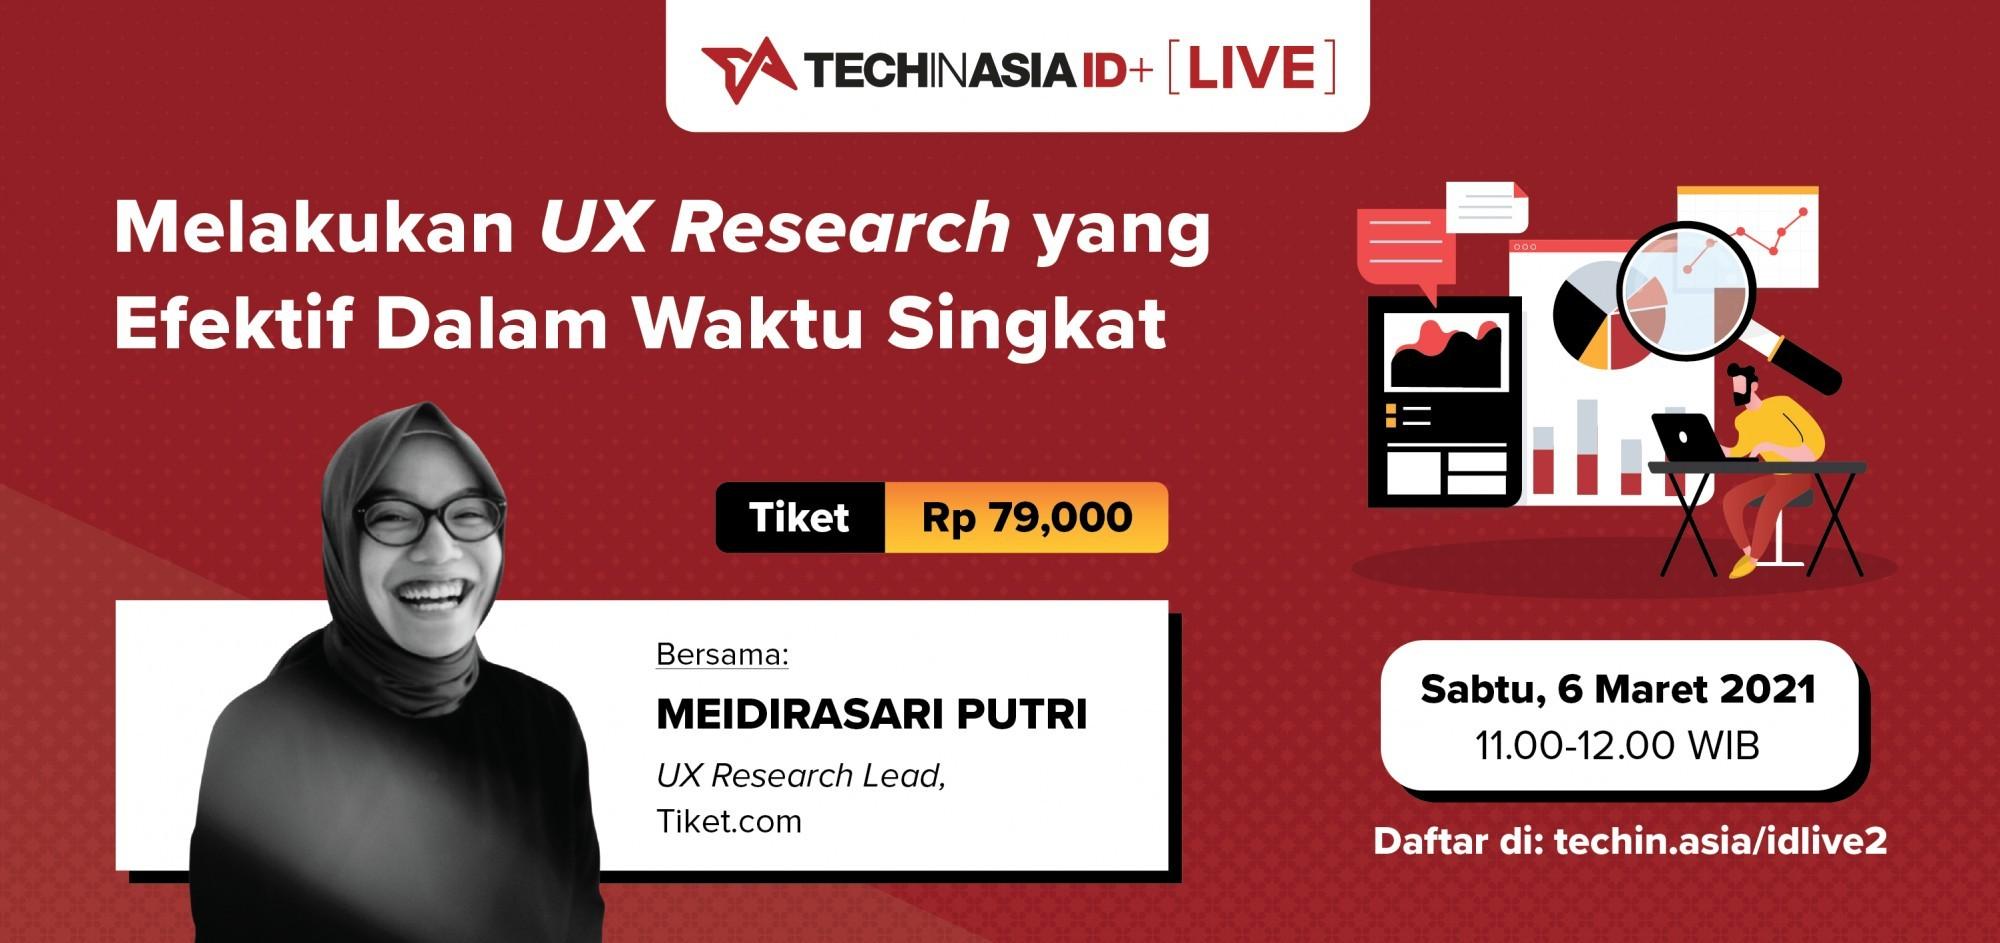 Tech in Asia ID+ LIVE: Melakukan UX Research yang Efektif Dalam Waktu Singkat